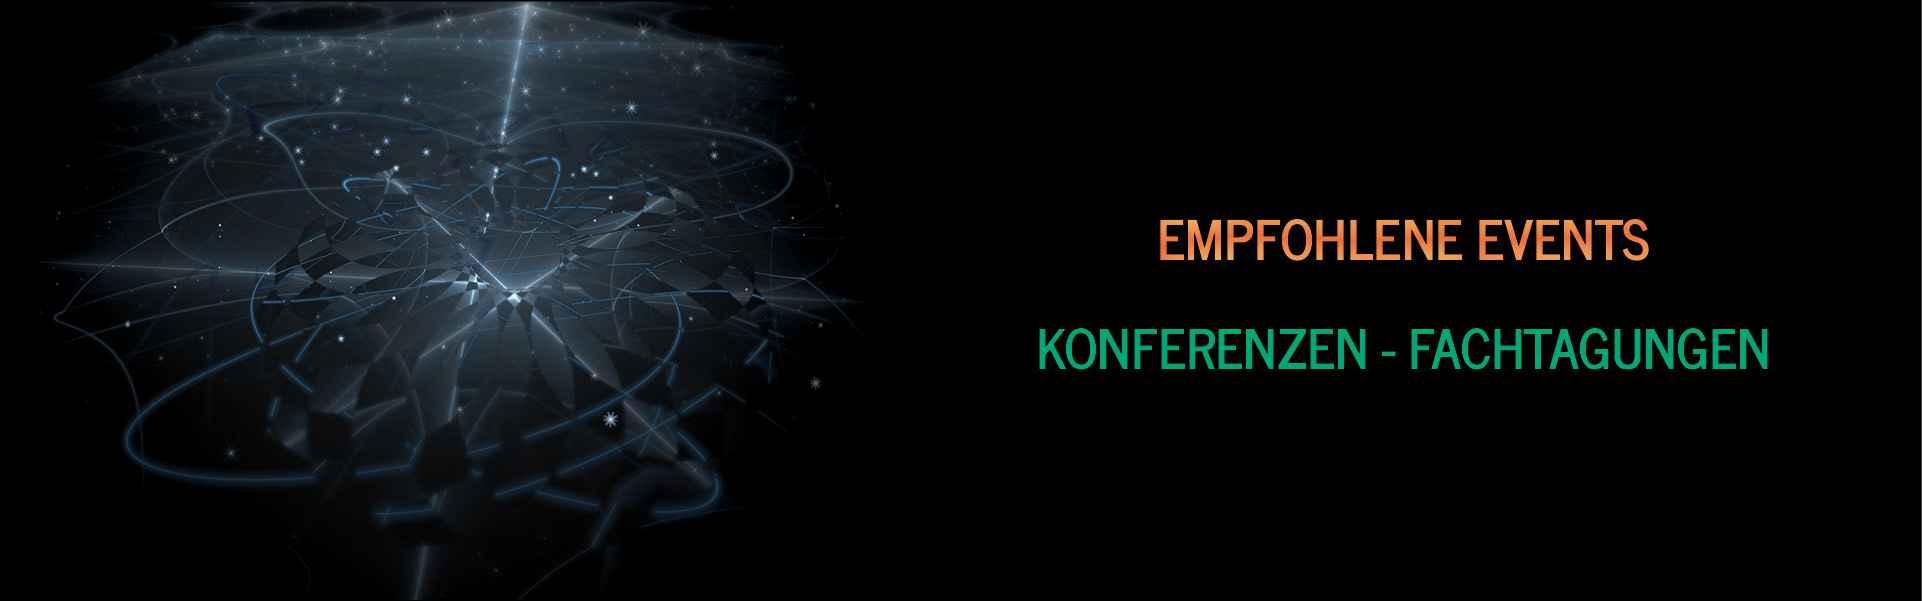 Empfohlene Events - Konferenzen - Industrie Events - Sonderkonditionen